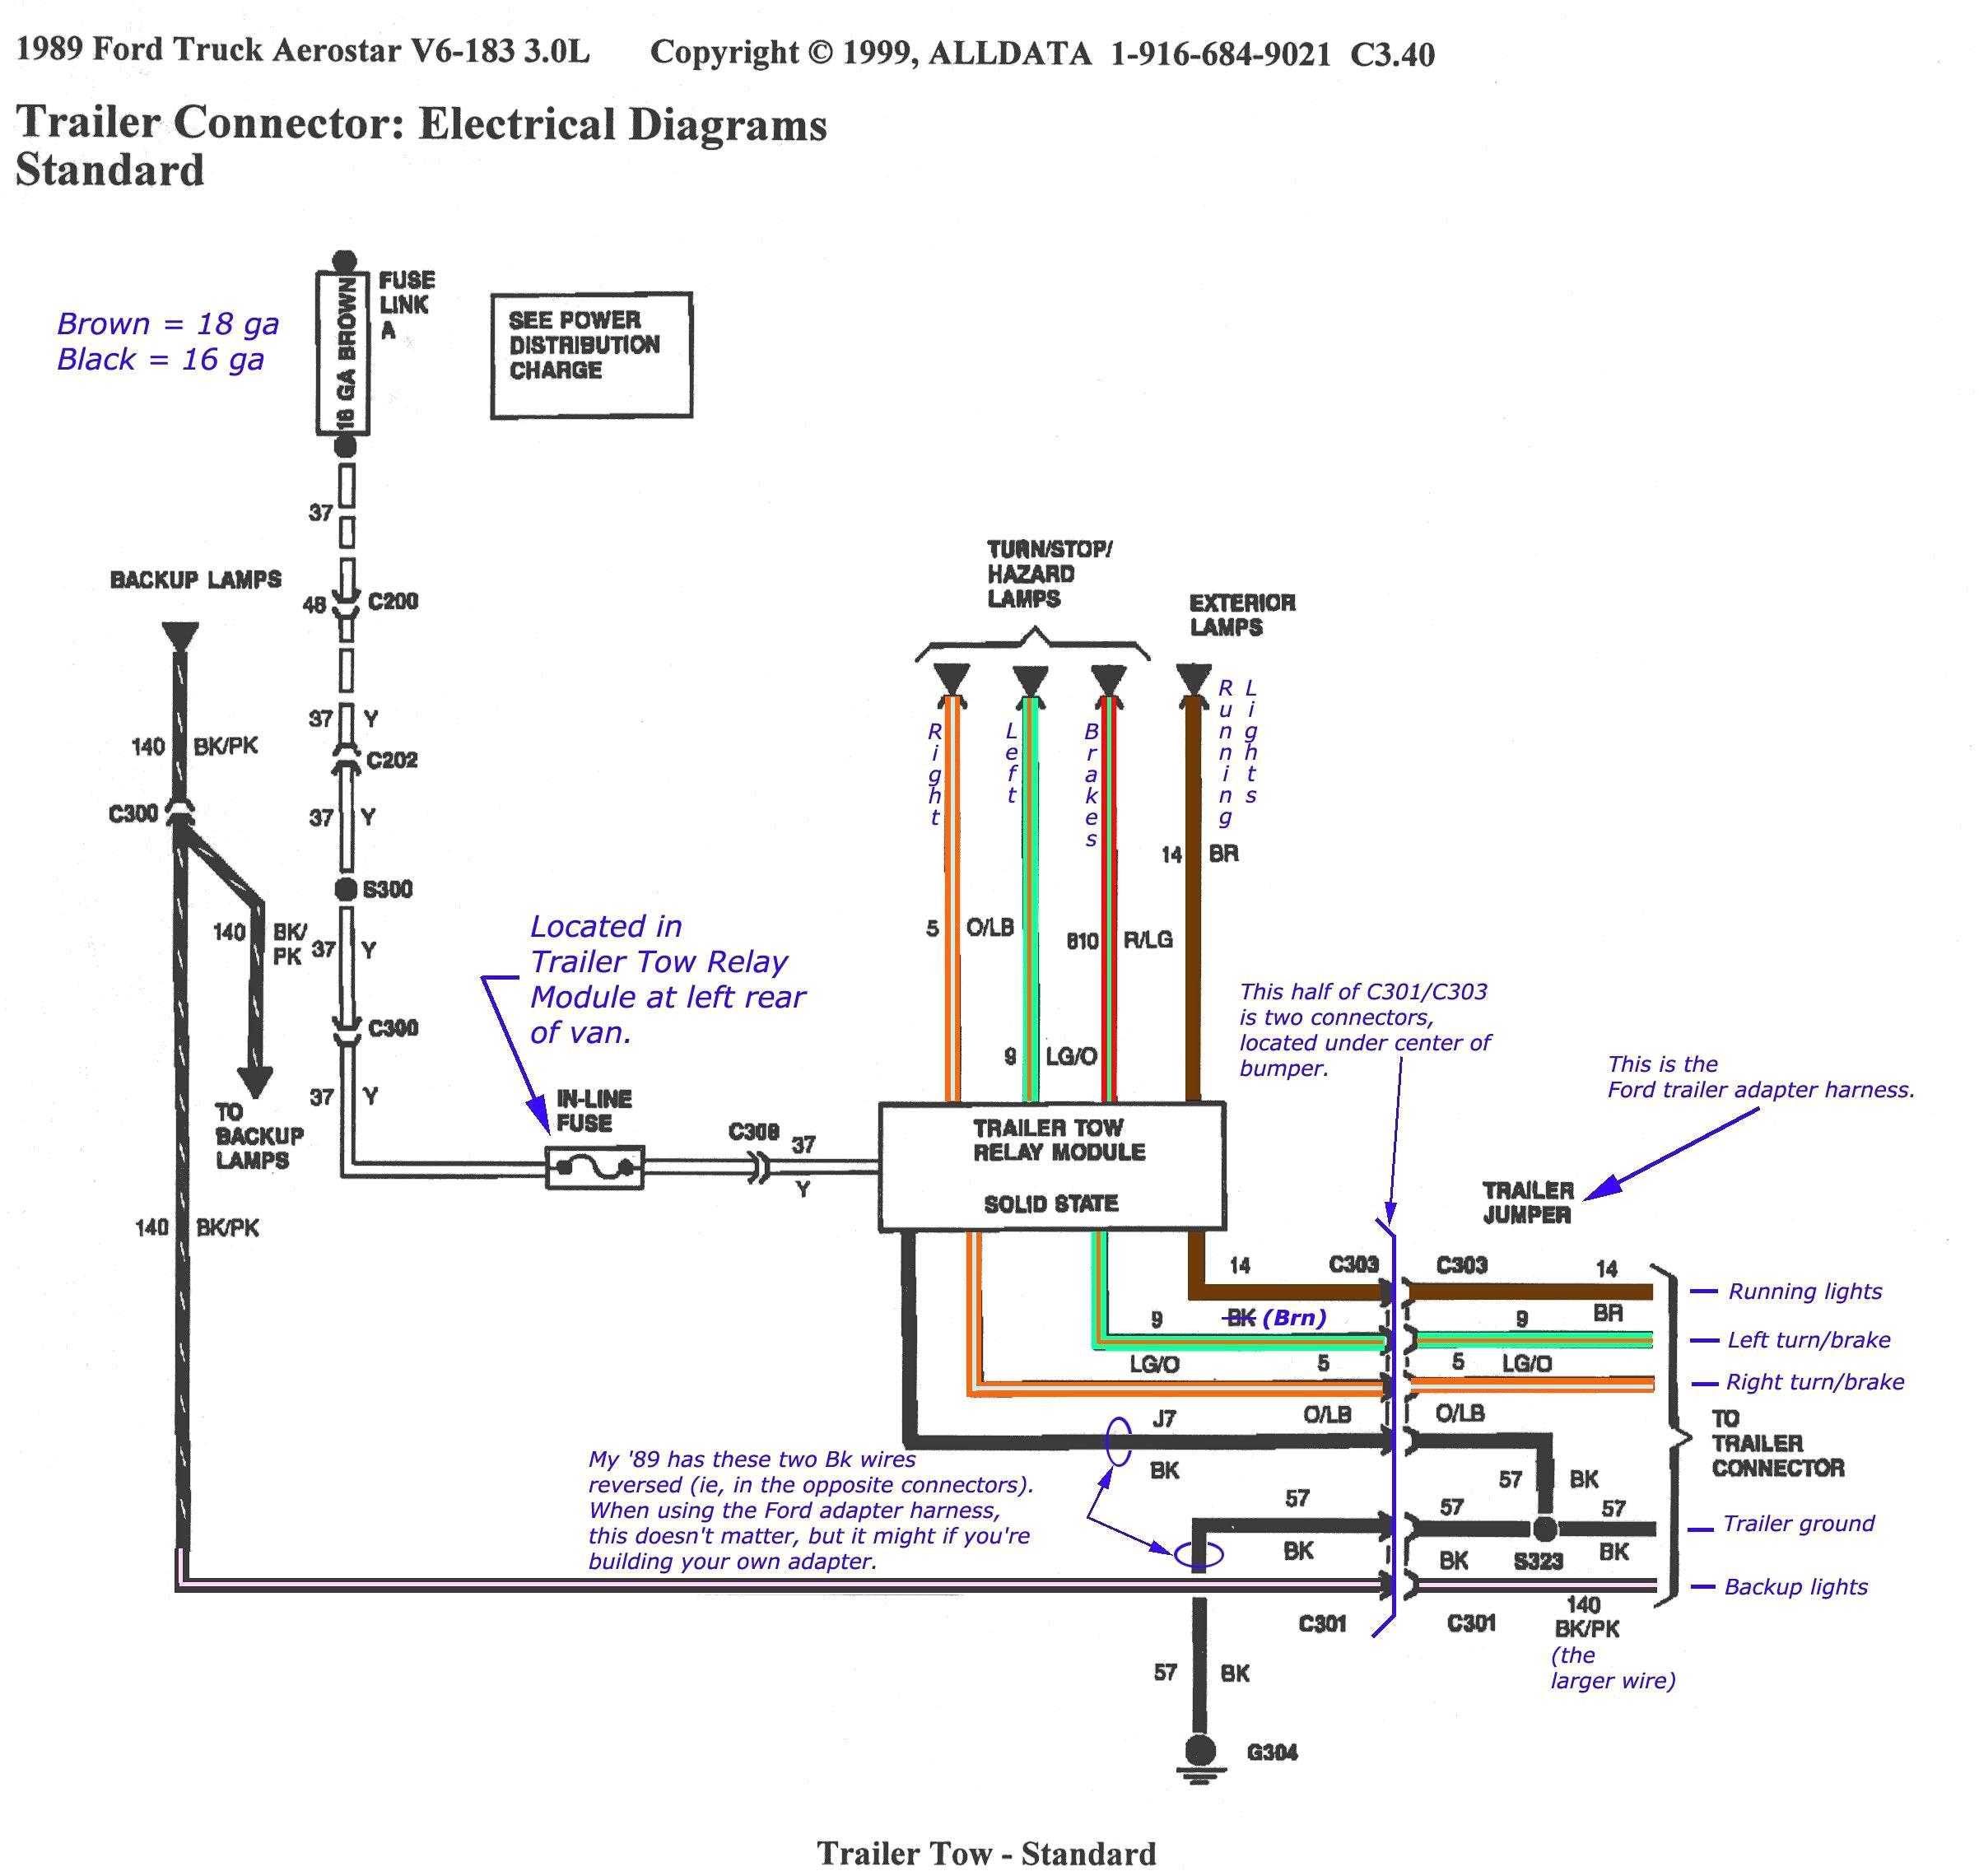 91 ford f 350 trailer wiring diagram wiring diagram sys 91 ford f250 trailer wiring diagram